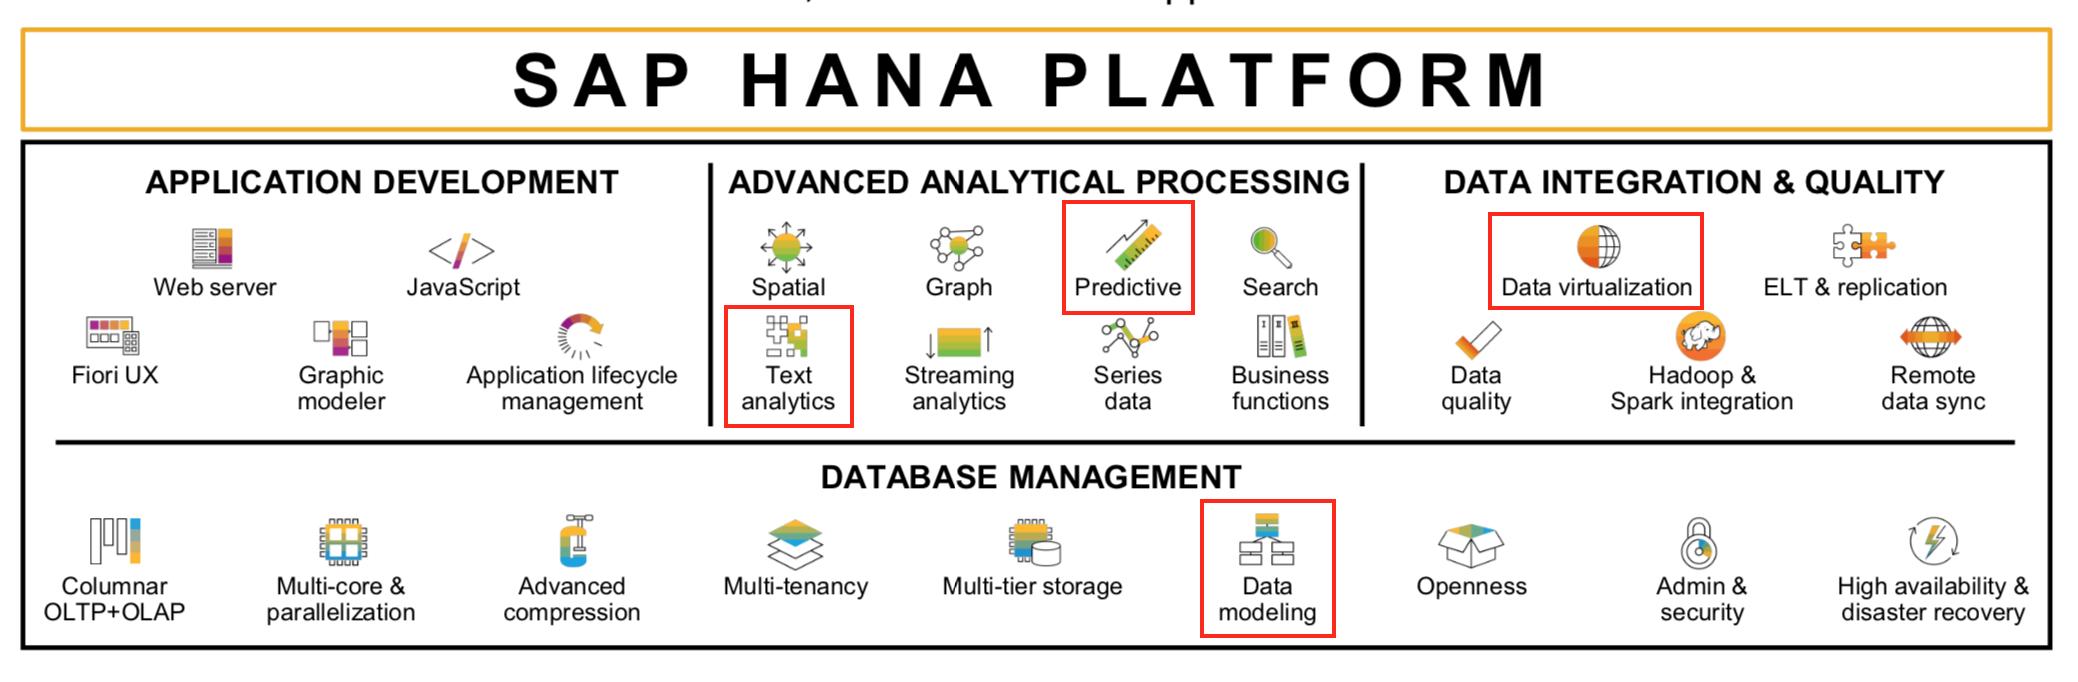 Identifying Fake News with SAP HANA & TensorFlow - SAP Blogs